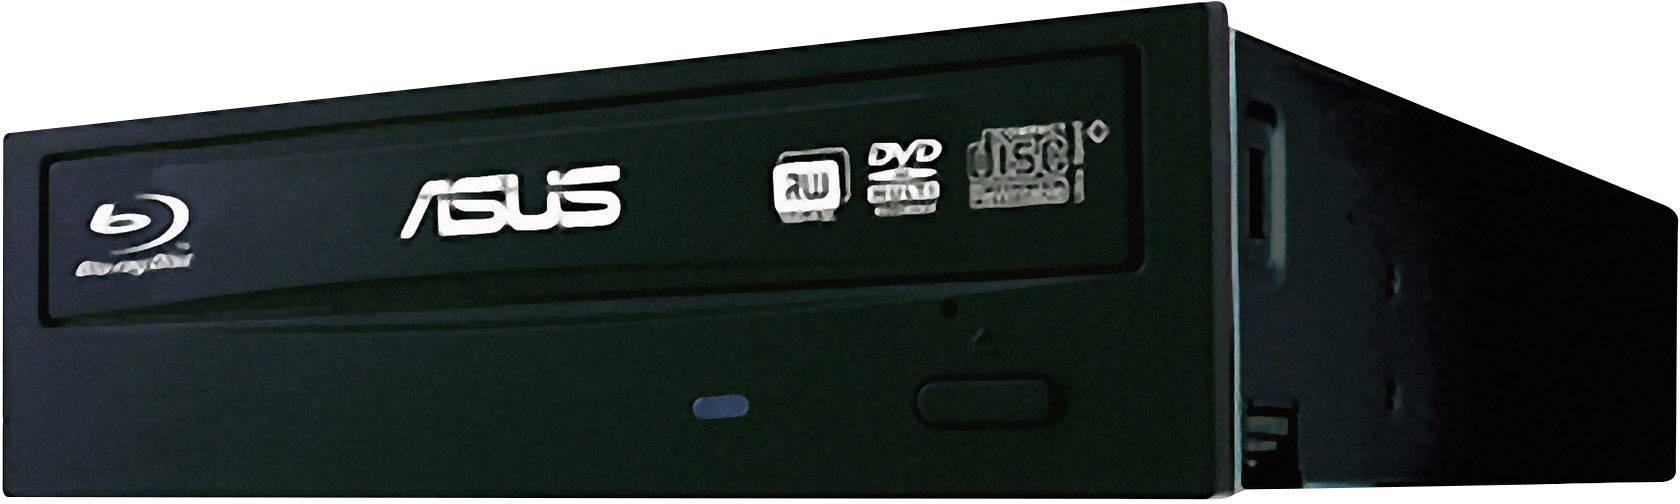 Interní Blu-ray vypalovačka Asus BW-16D1HT Retail SATA černá